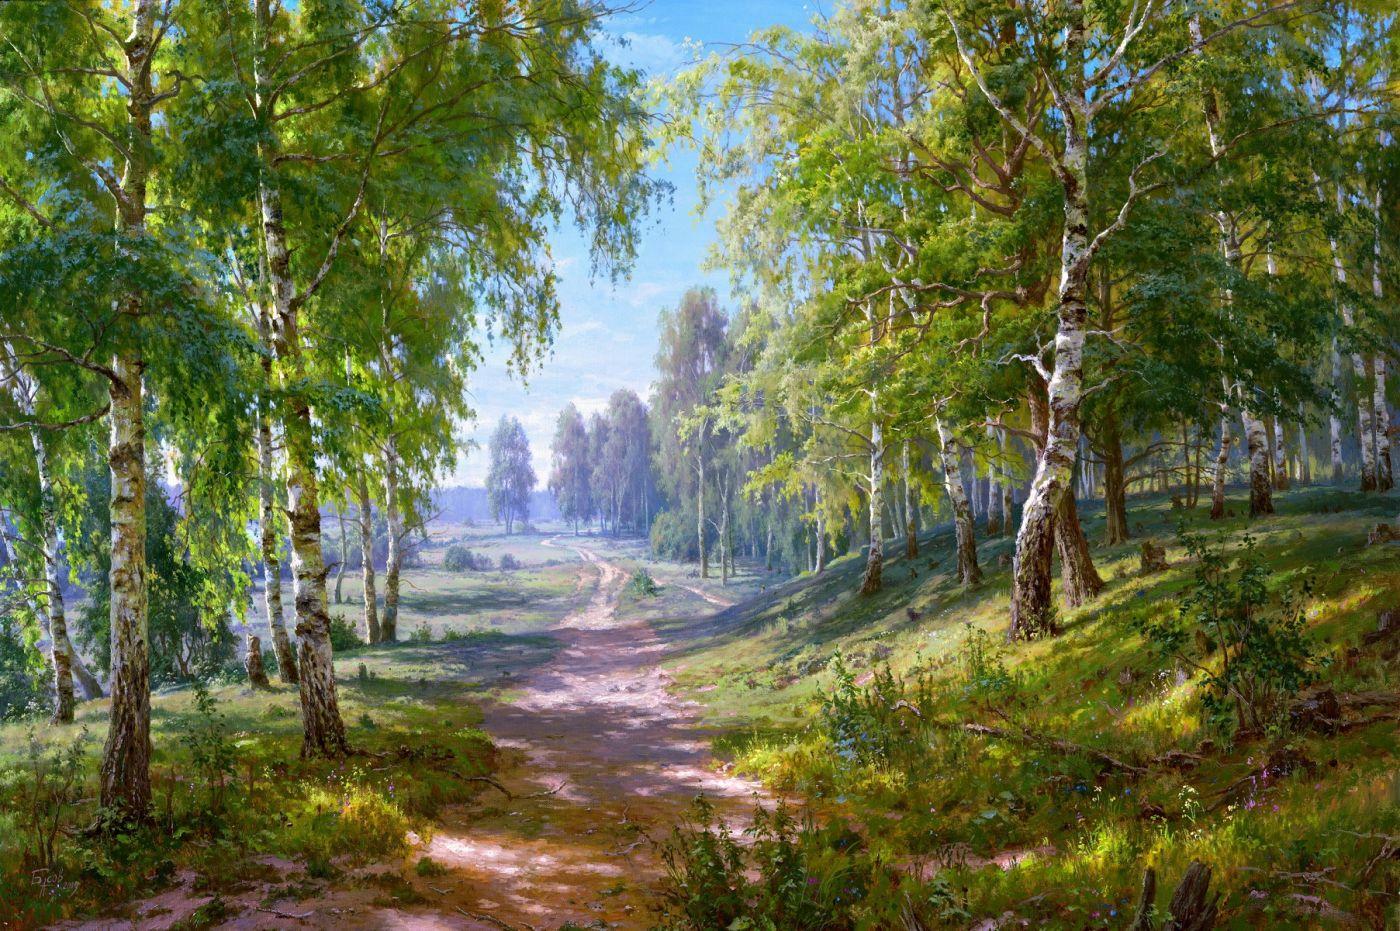 Картина по номерам на подрамнике GX32842, Басов Сергей, Березовая роща